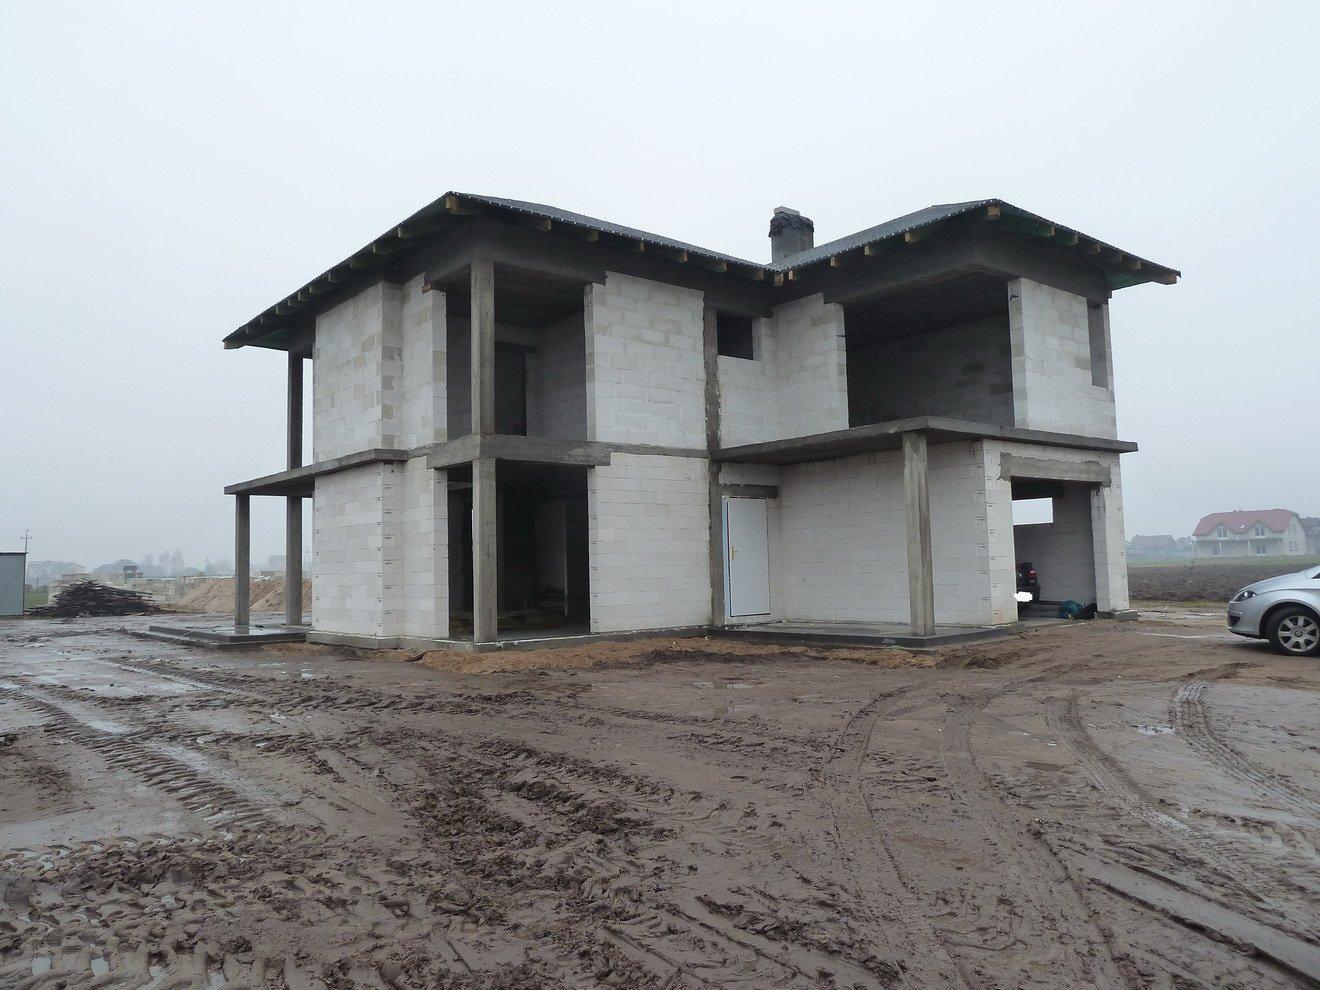 projekt-domu-riwiera-2-fot-1-1390380149-pv7xujko.jpg